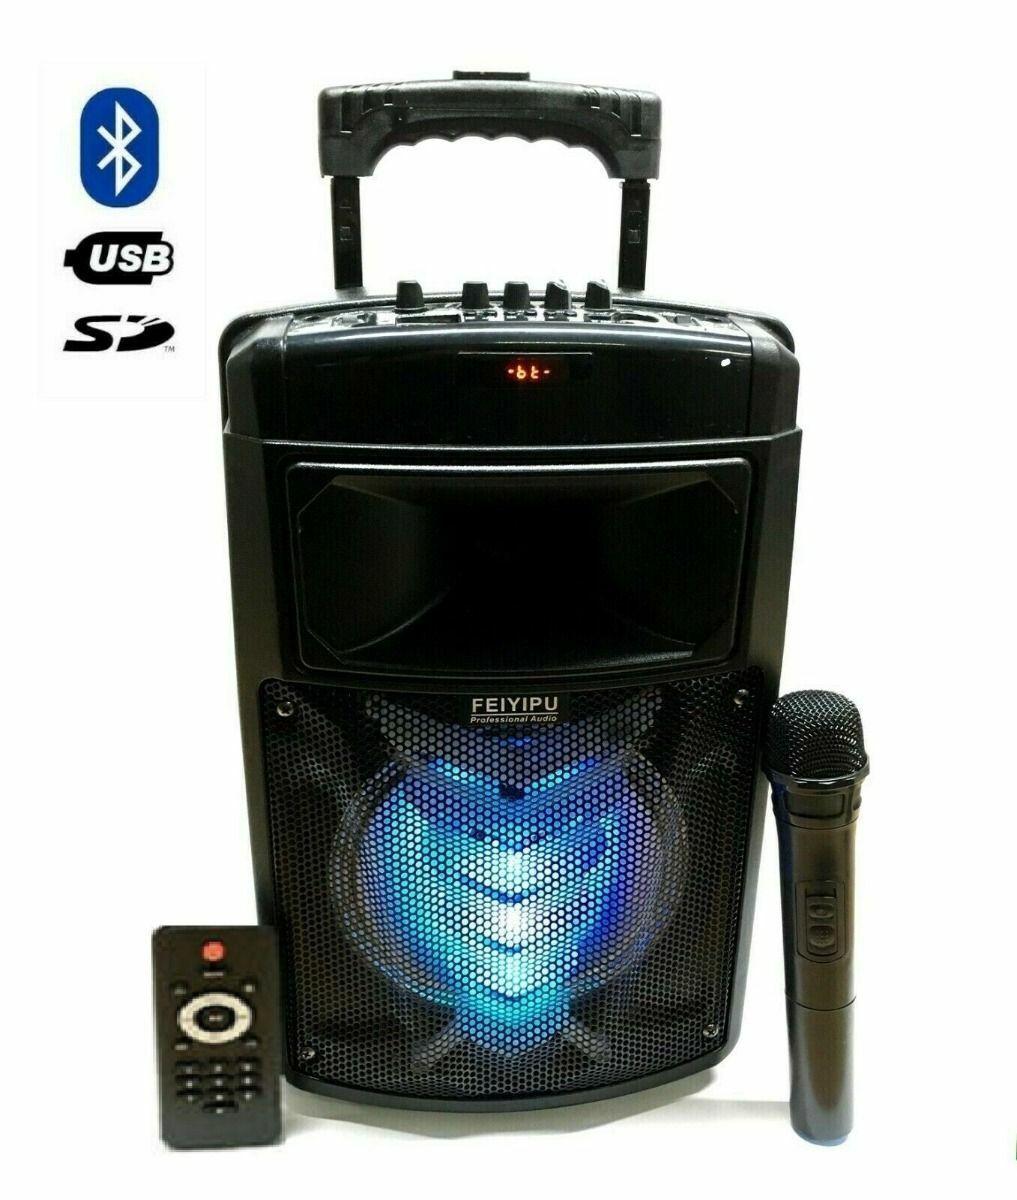 Cabinet Amplified Rechargeable Karaoke trolley with 2000 Watt Microphone